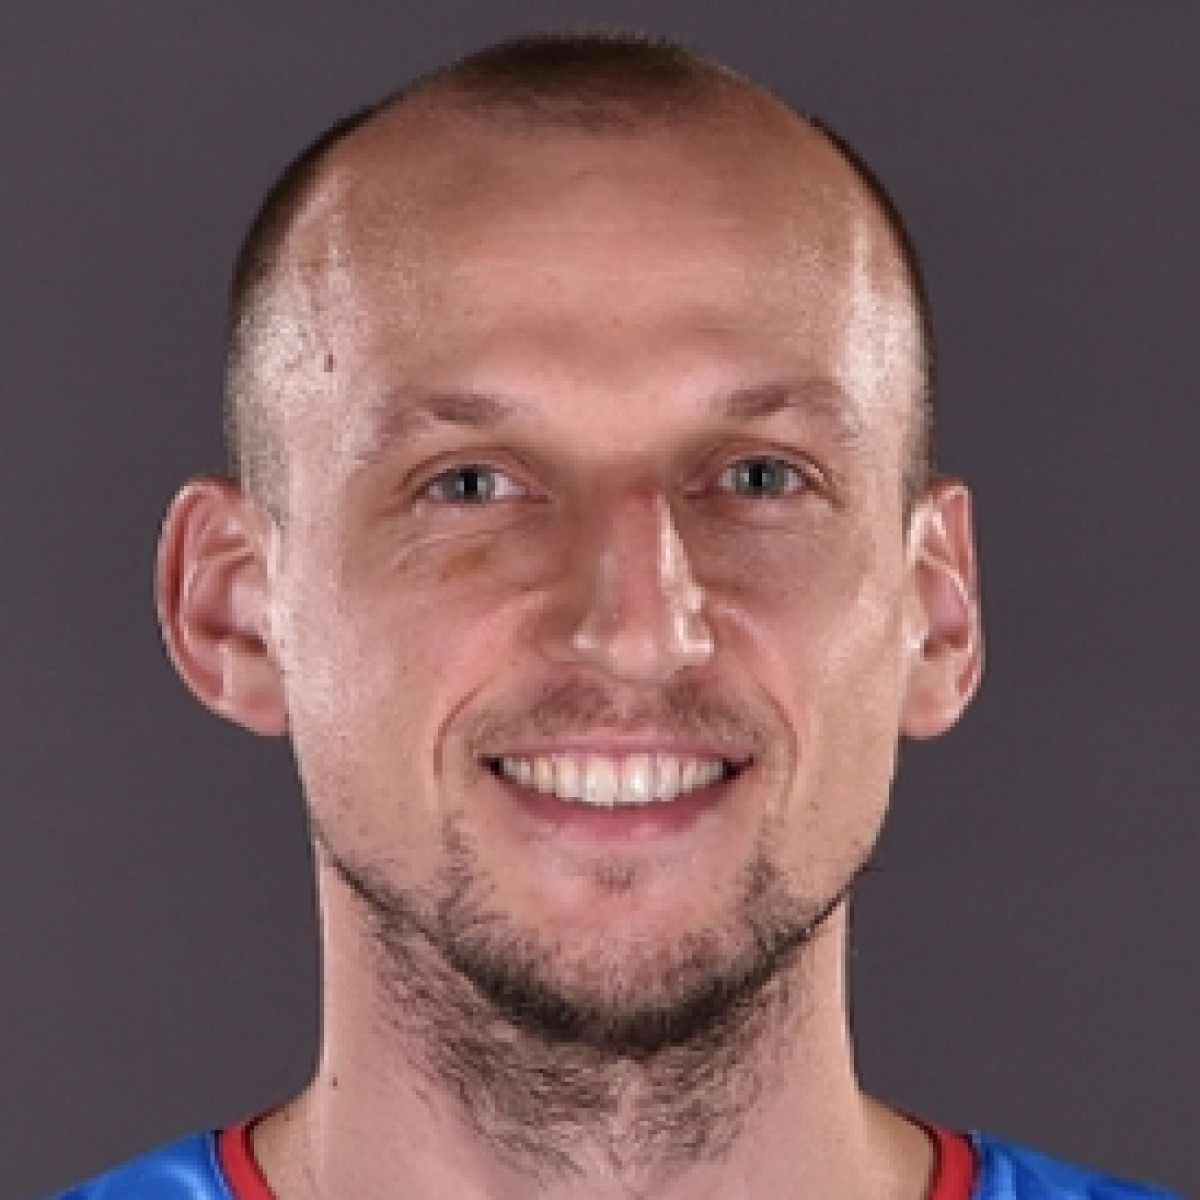 Piotr Halas